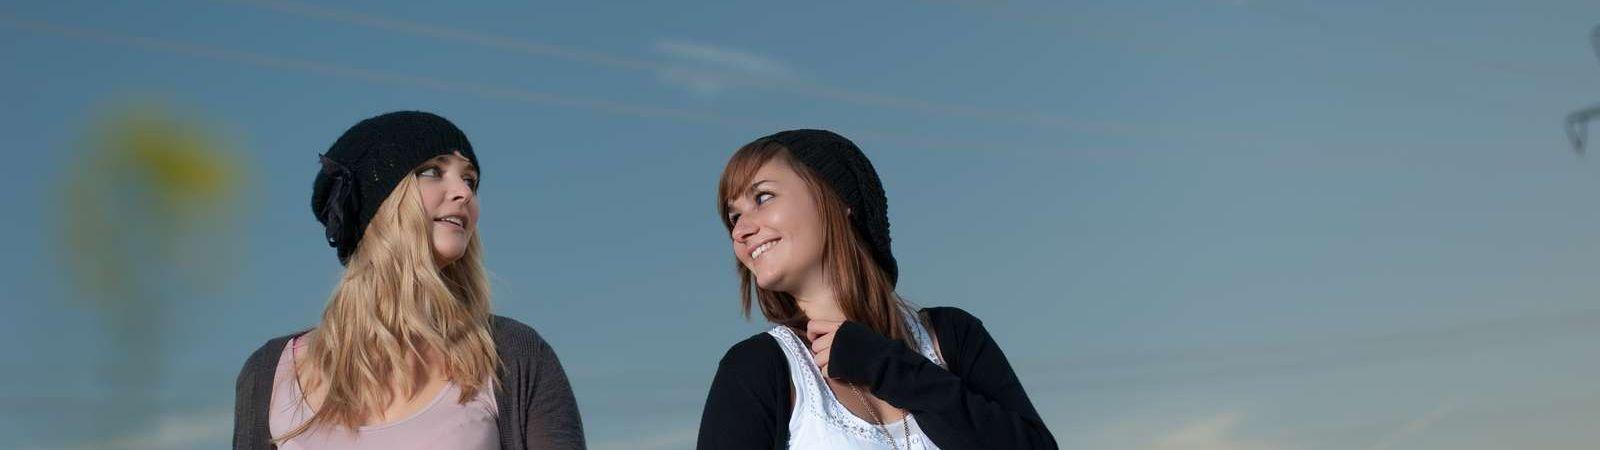 Zwei Freundinnen beim Fotoshooting in einer sommerlichen Wiese geniessen ihre Aufnahmen für Fotos für die Ewigkeit